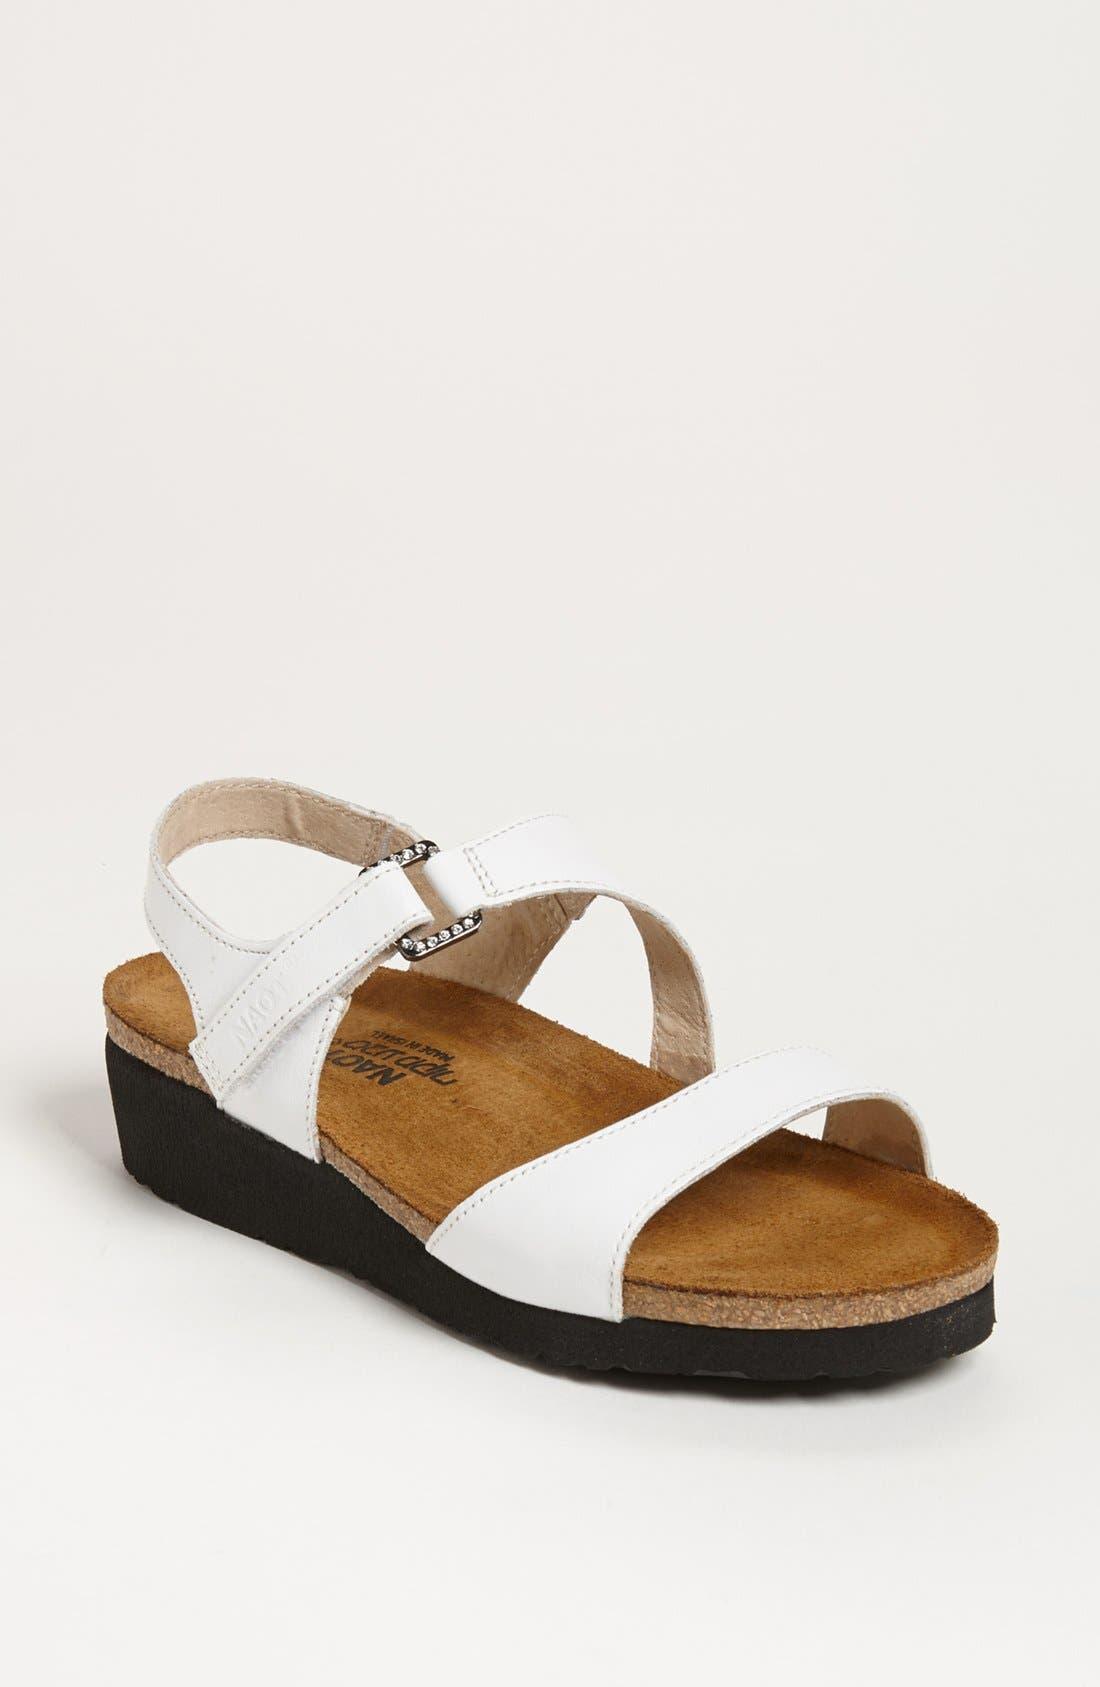 Main Image - Naot 'Pamela' Sandal